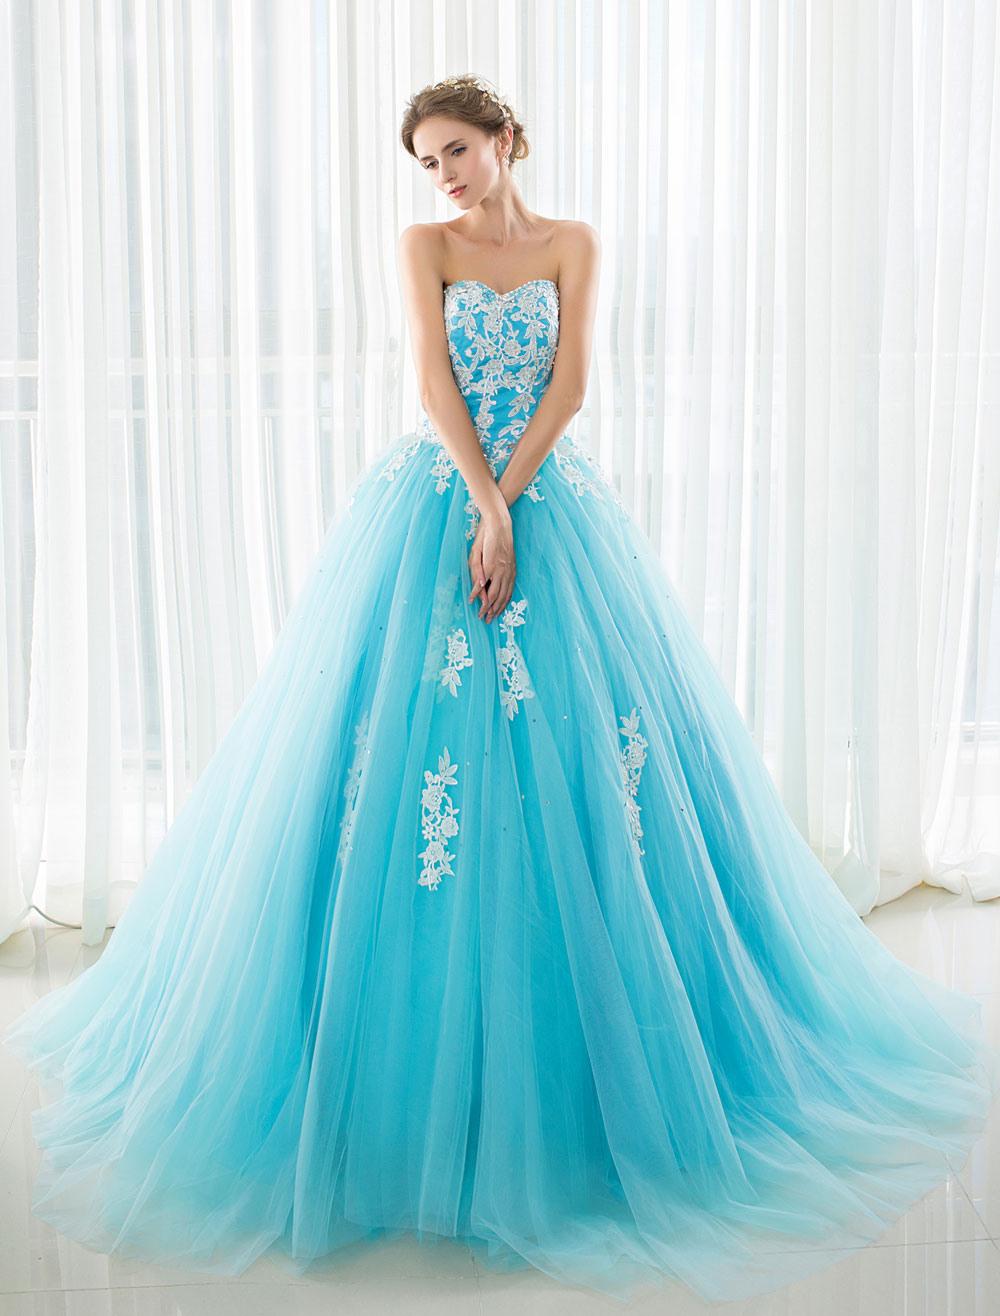 Blaue Hochzeitskleid Spitze Applique Tüll Gericht Zug